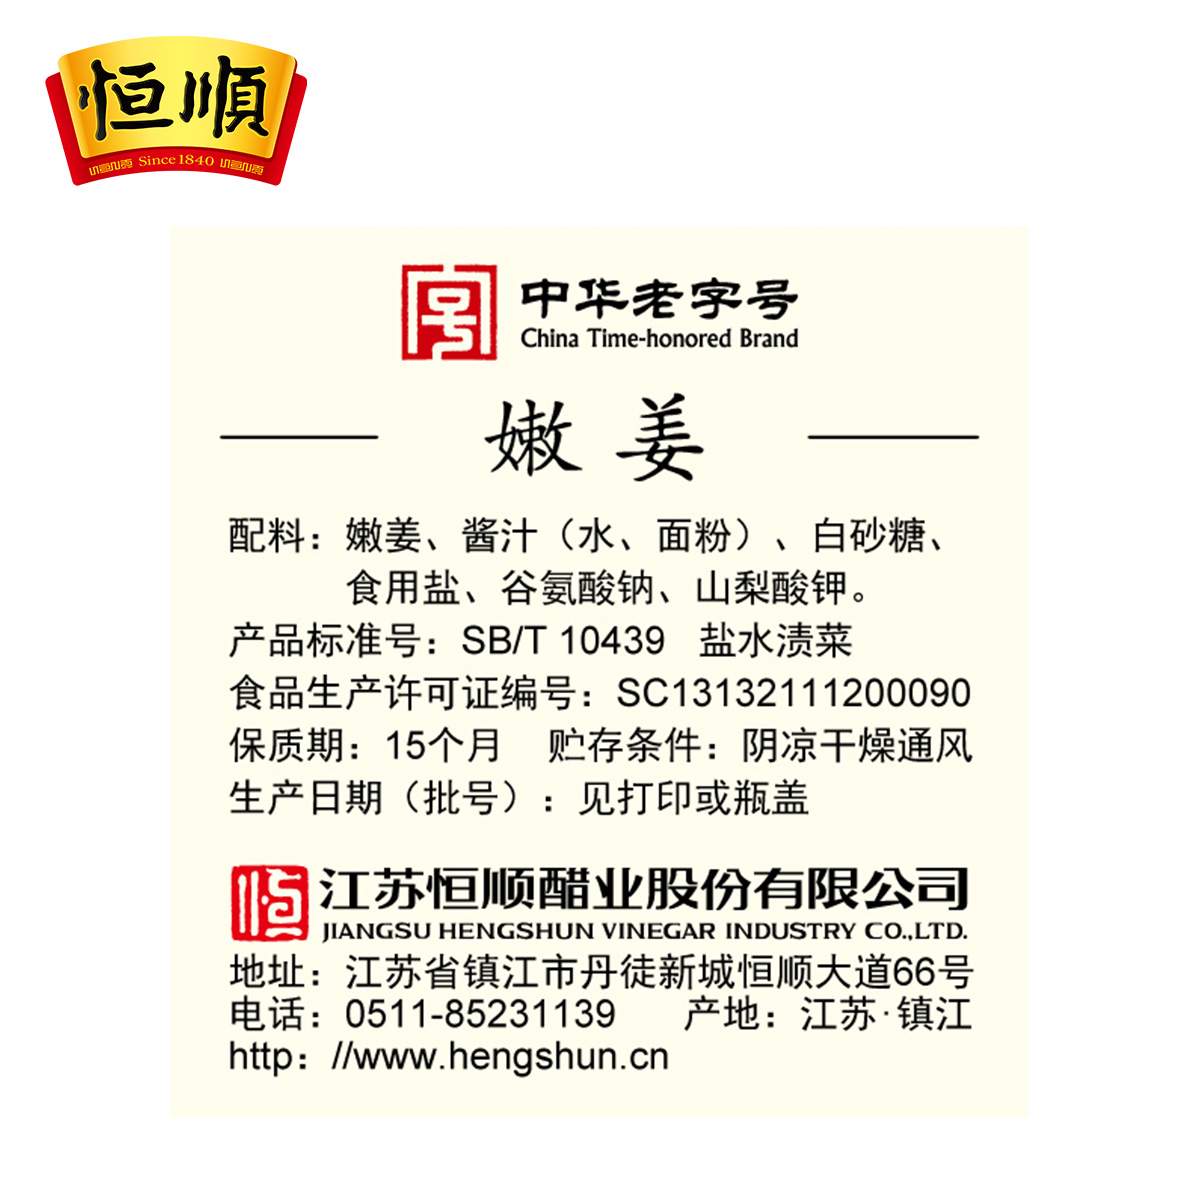 恒顺嫩姜375克/生姜/泡菜小菜咸菜/恒顺香醋/恒顺酱菜/镇江特产